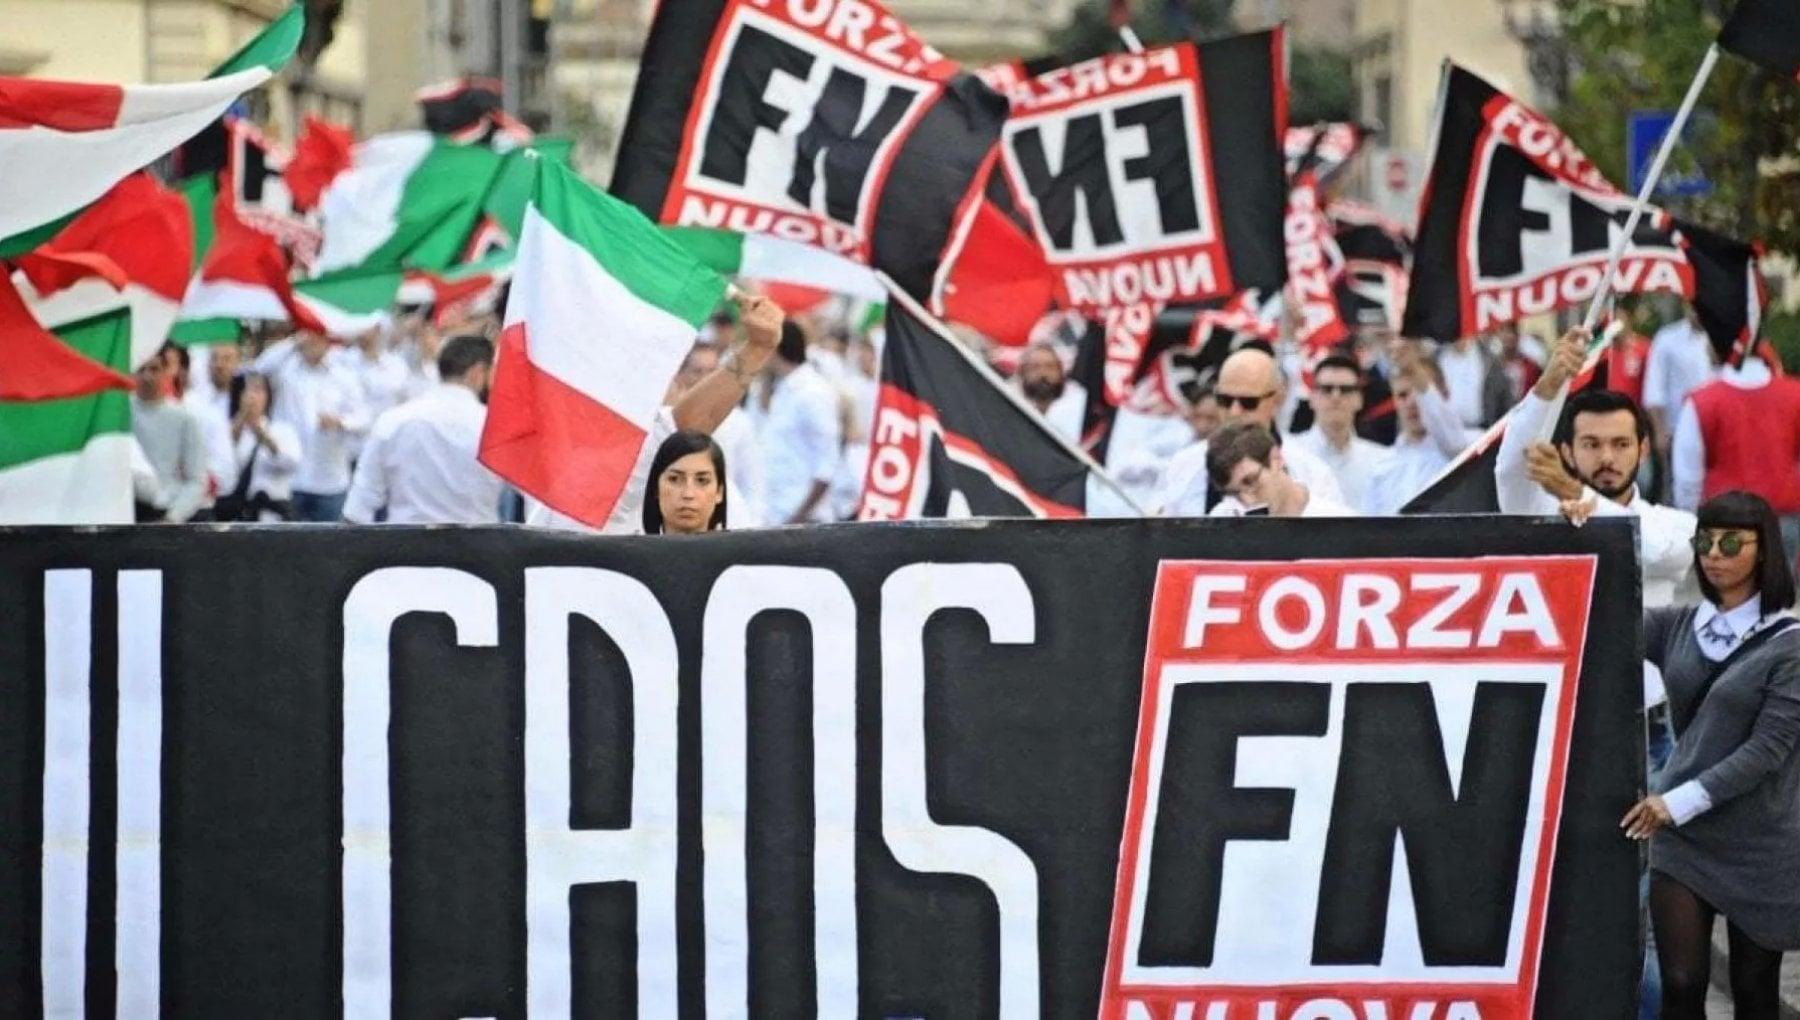 Destra Forza Nuova si scioglie e confluisce in Italia Libera con gilet arancioni e no mask